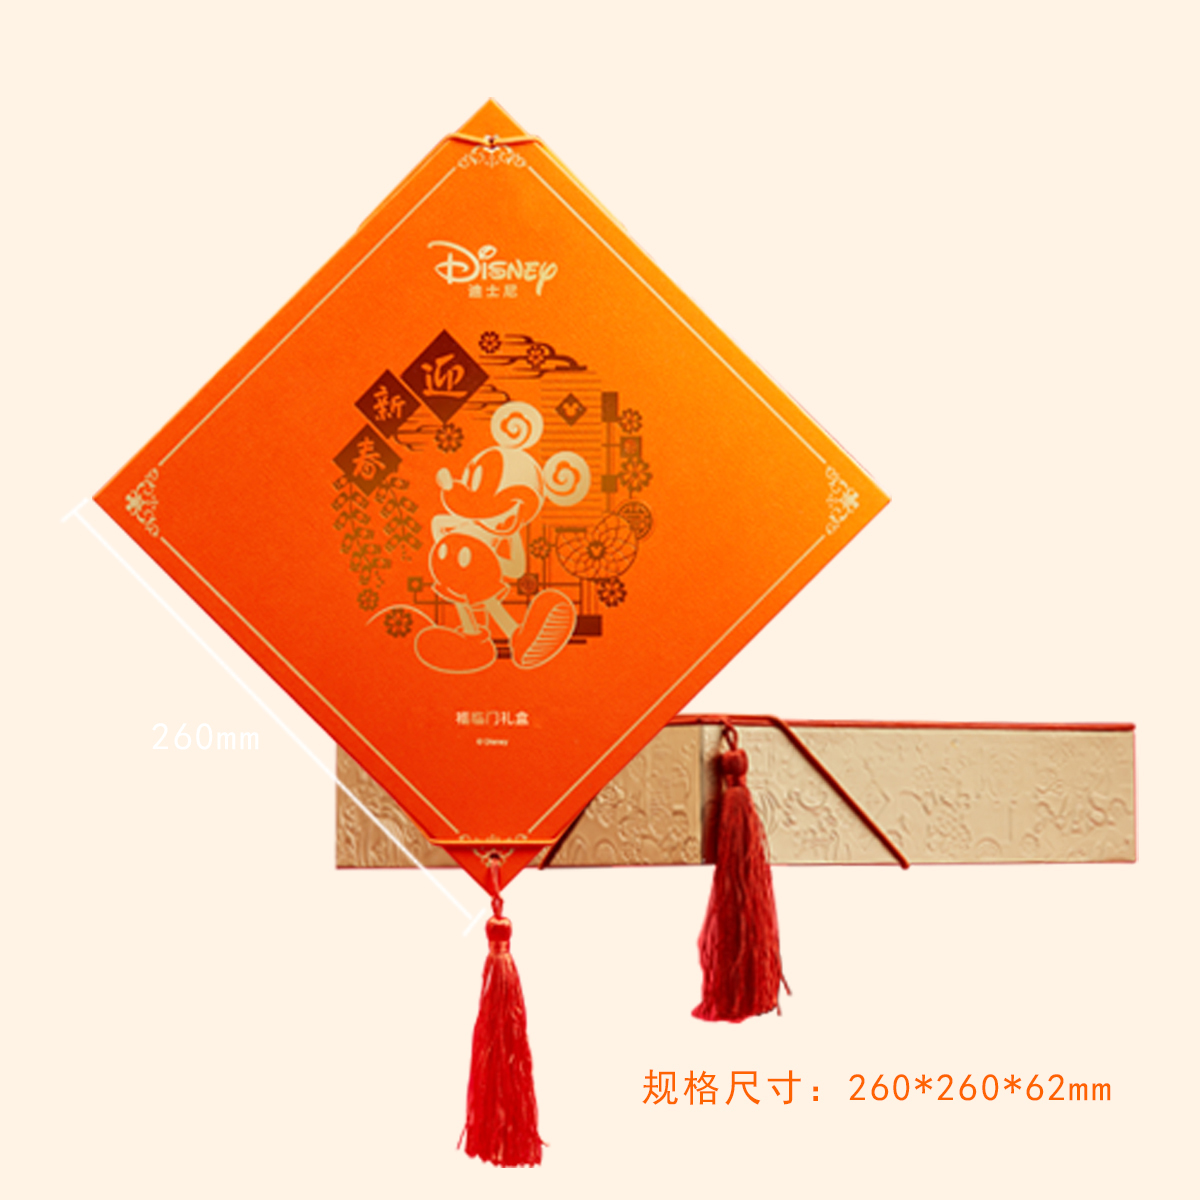 迪士尼Disney福临门贺年礼盒-顺丰包邮